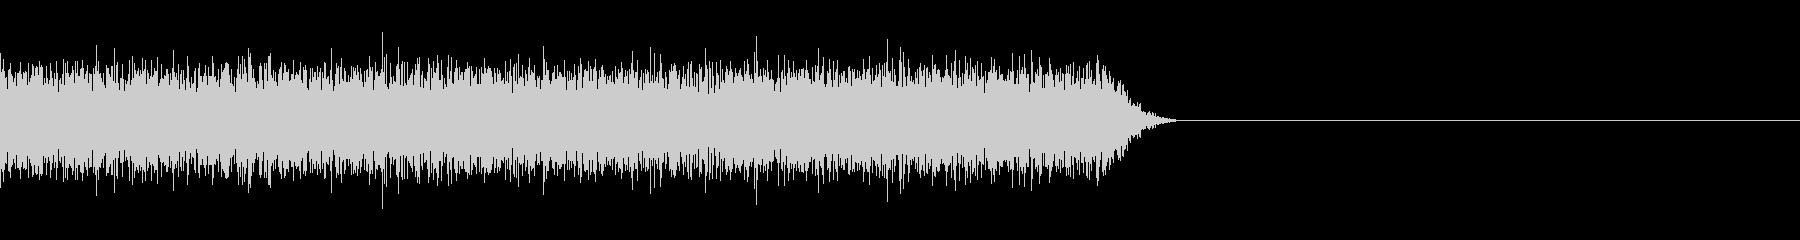 プルルルルル_電子画面に文字を表示_02の未再生の波形